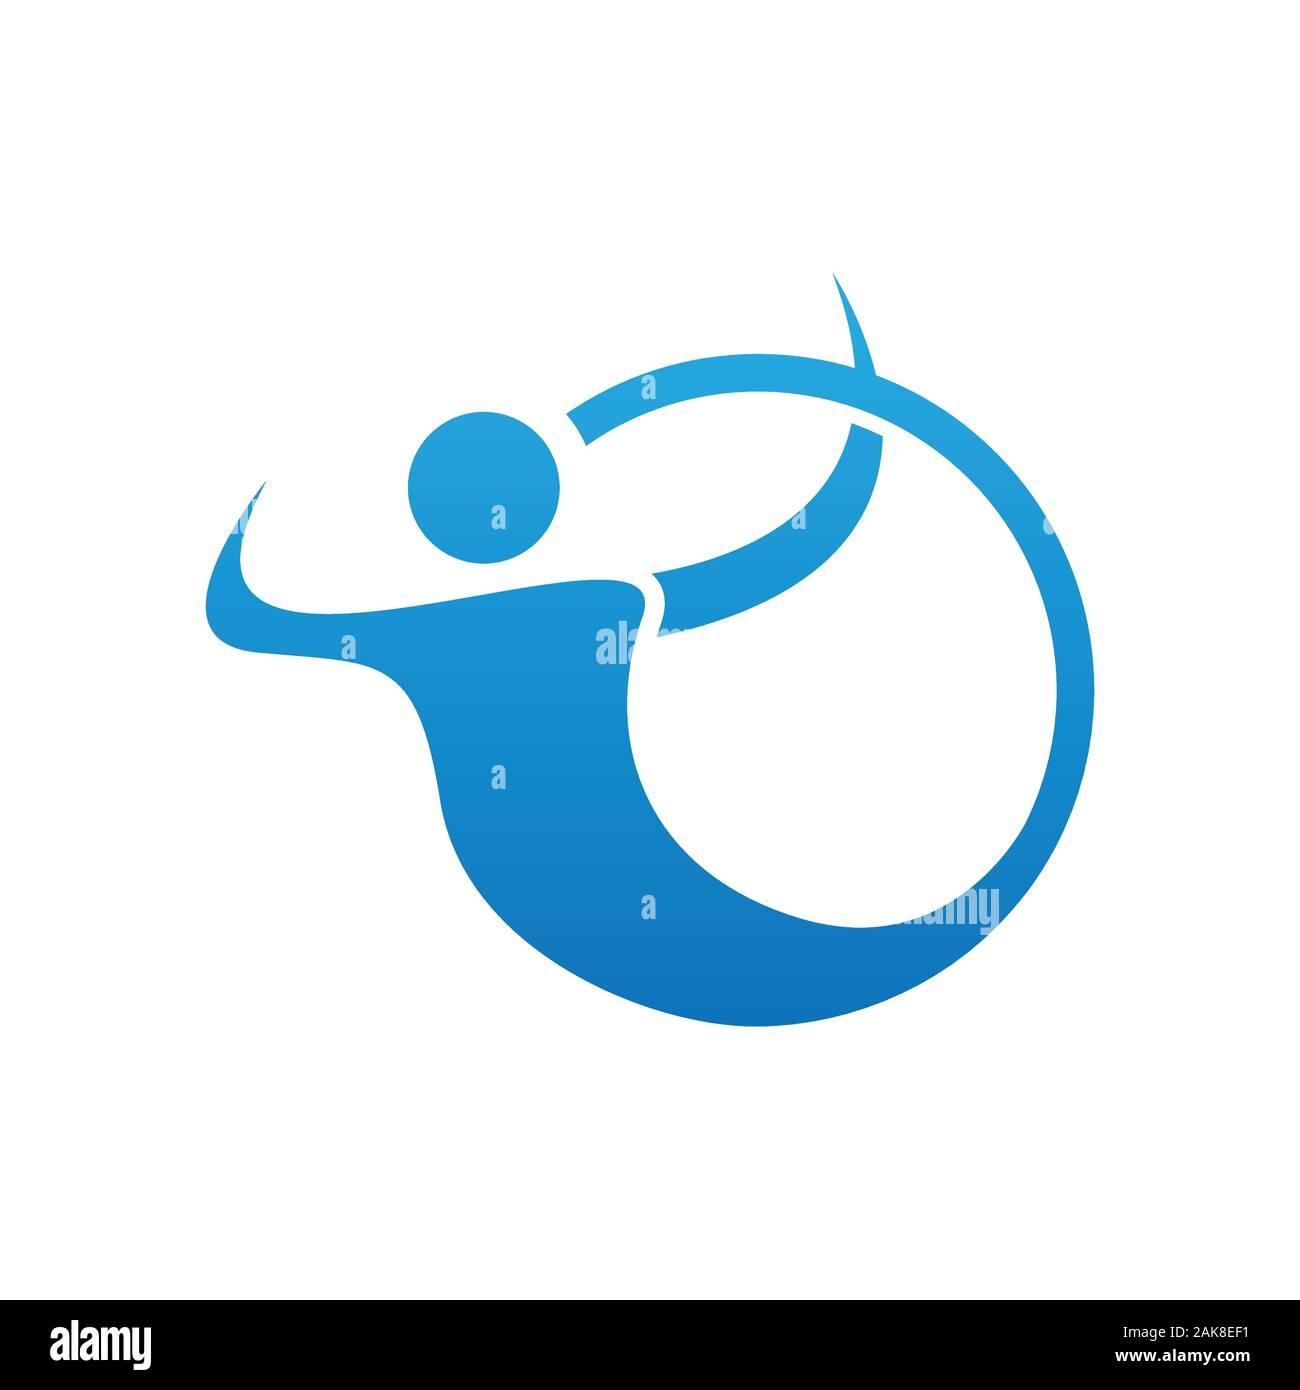 Résumé Les gens logo design image. Logo couleur gradient personnes vecteur vecteur conception de style abstrait en image de logo Illustration de Vecteur